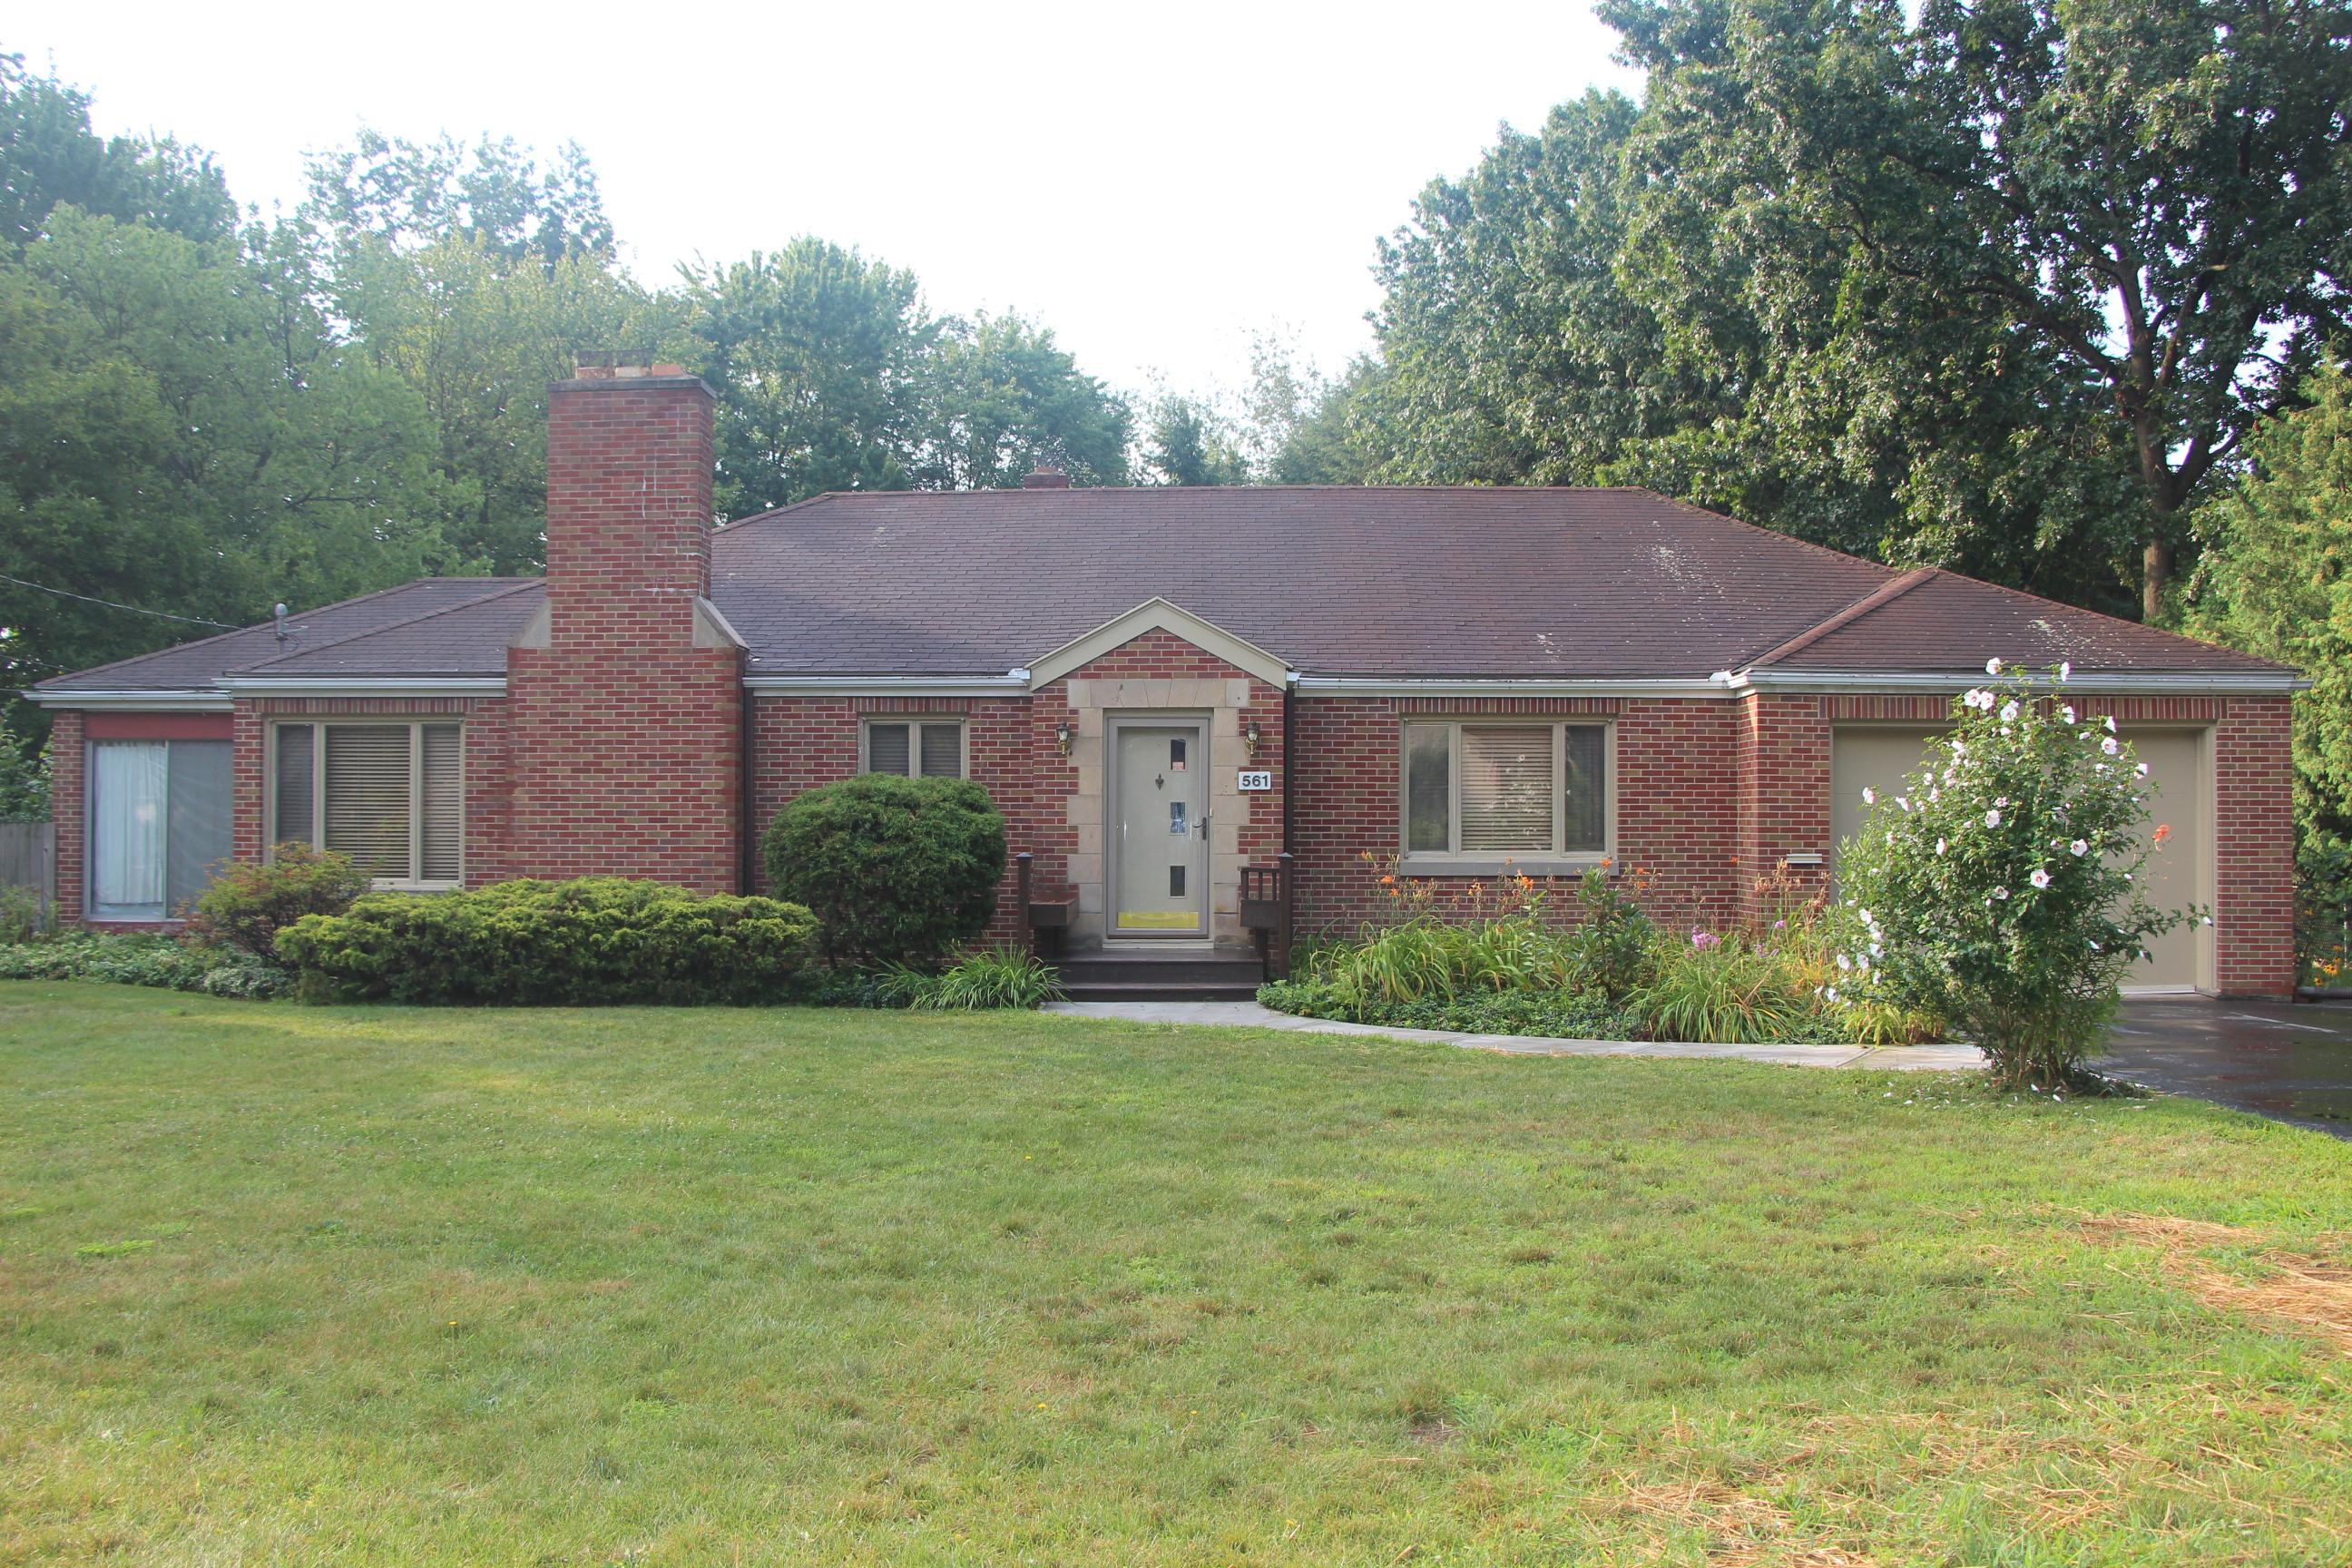 561 Beech, Kent, Ohio